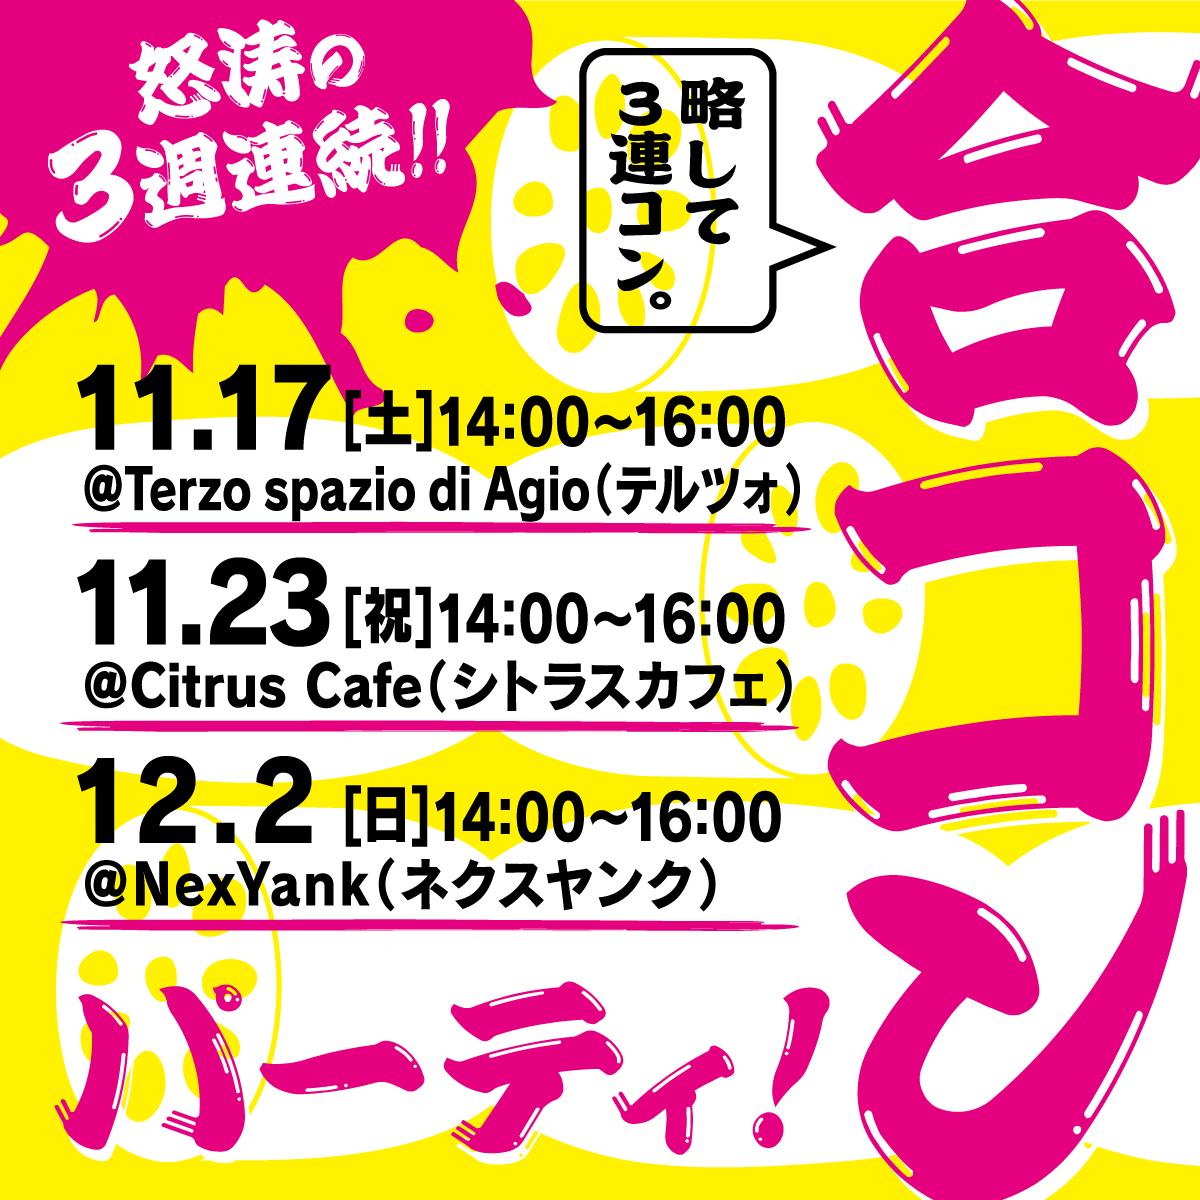 3週連続で合コンパーティ!?長崎コン2018が開催されるってよ!